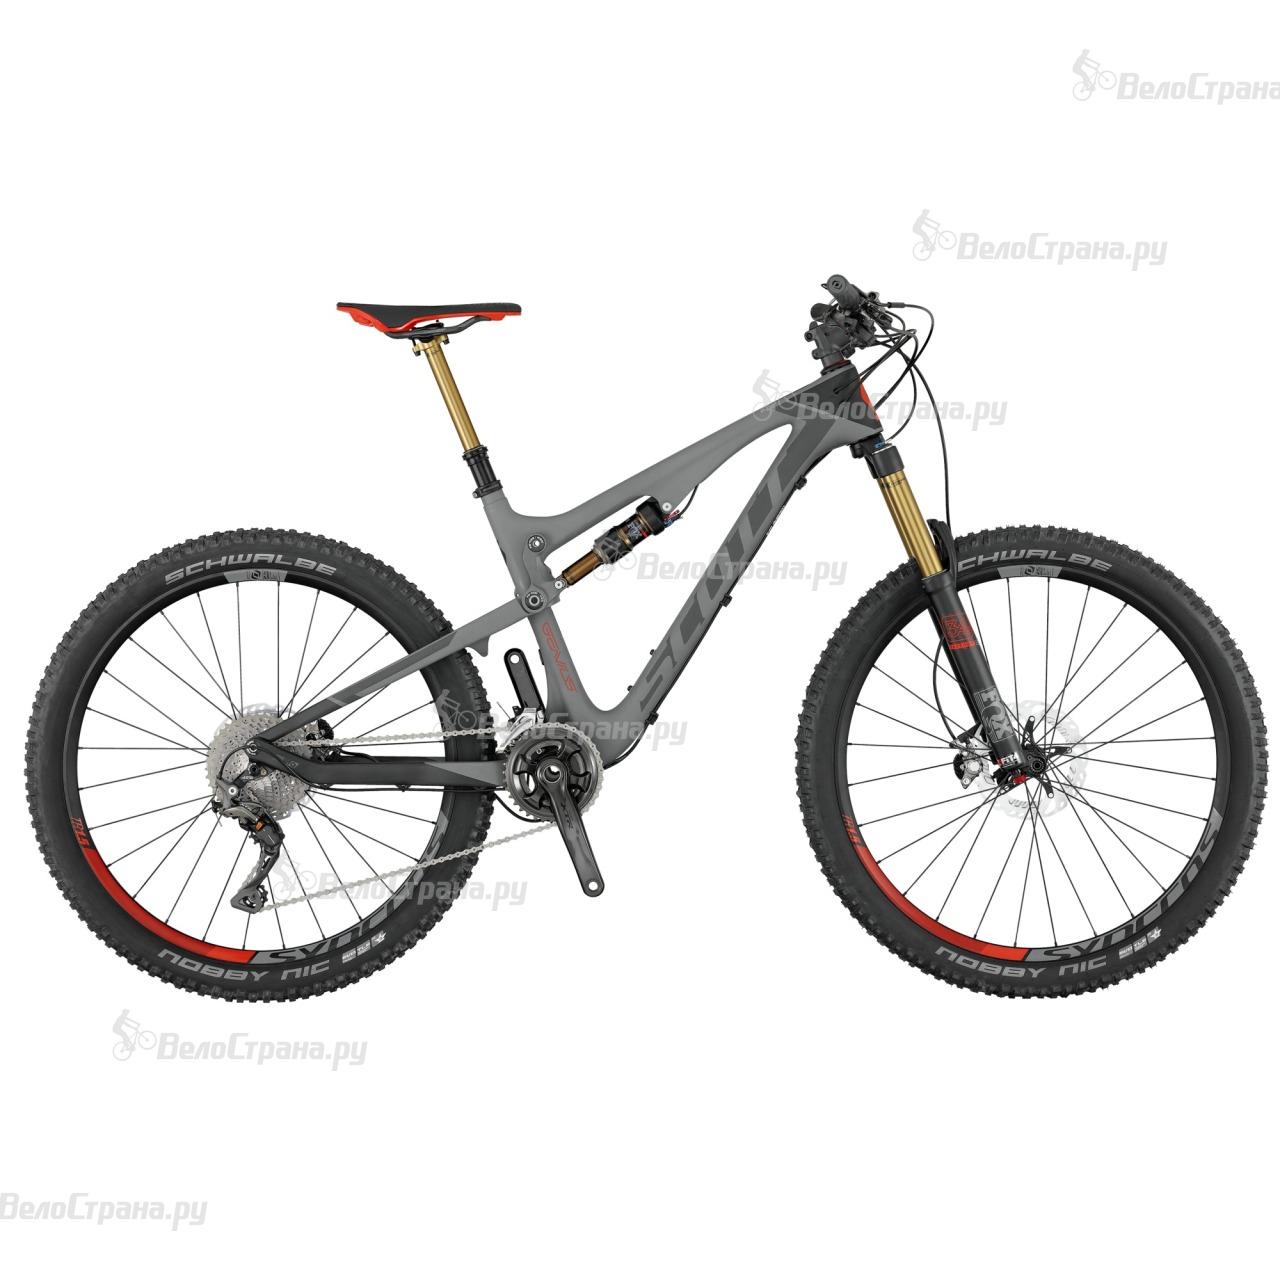 Велосипед Scott Genius 700 Premium (2017) genius hs 300a silver